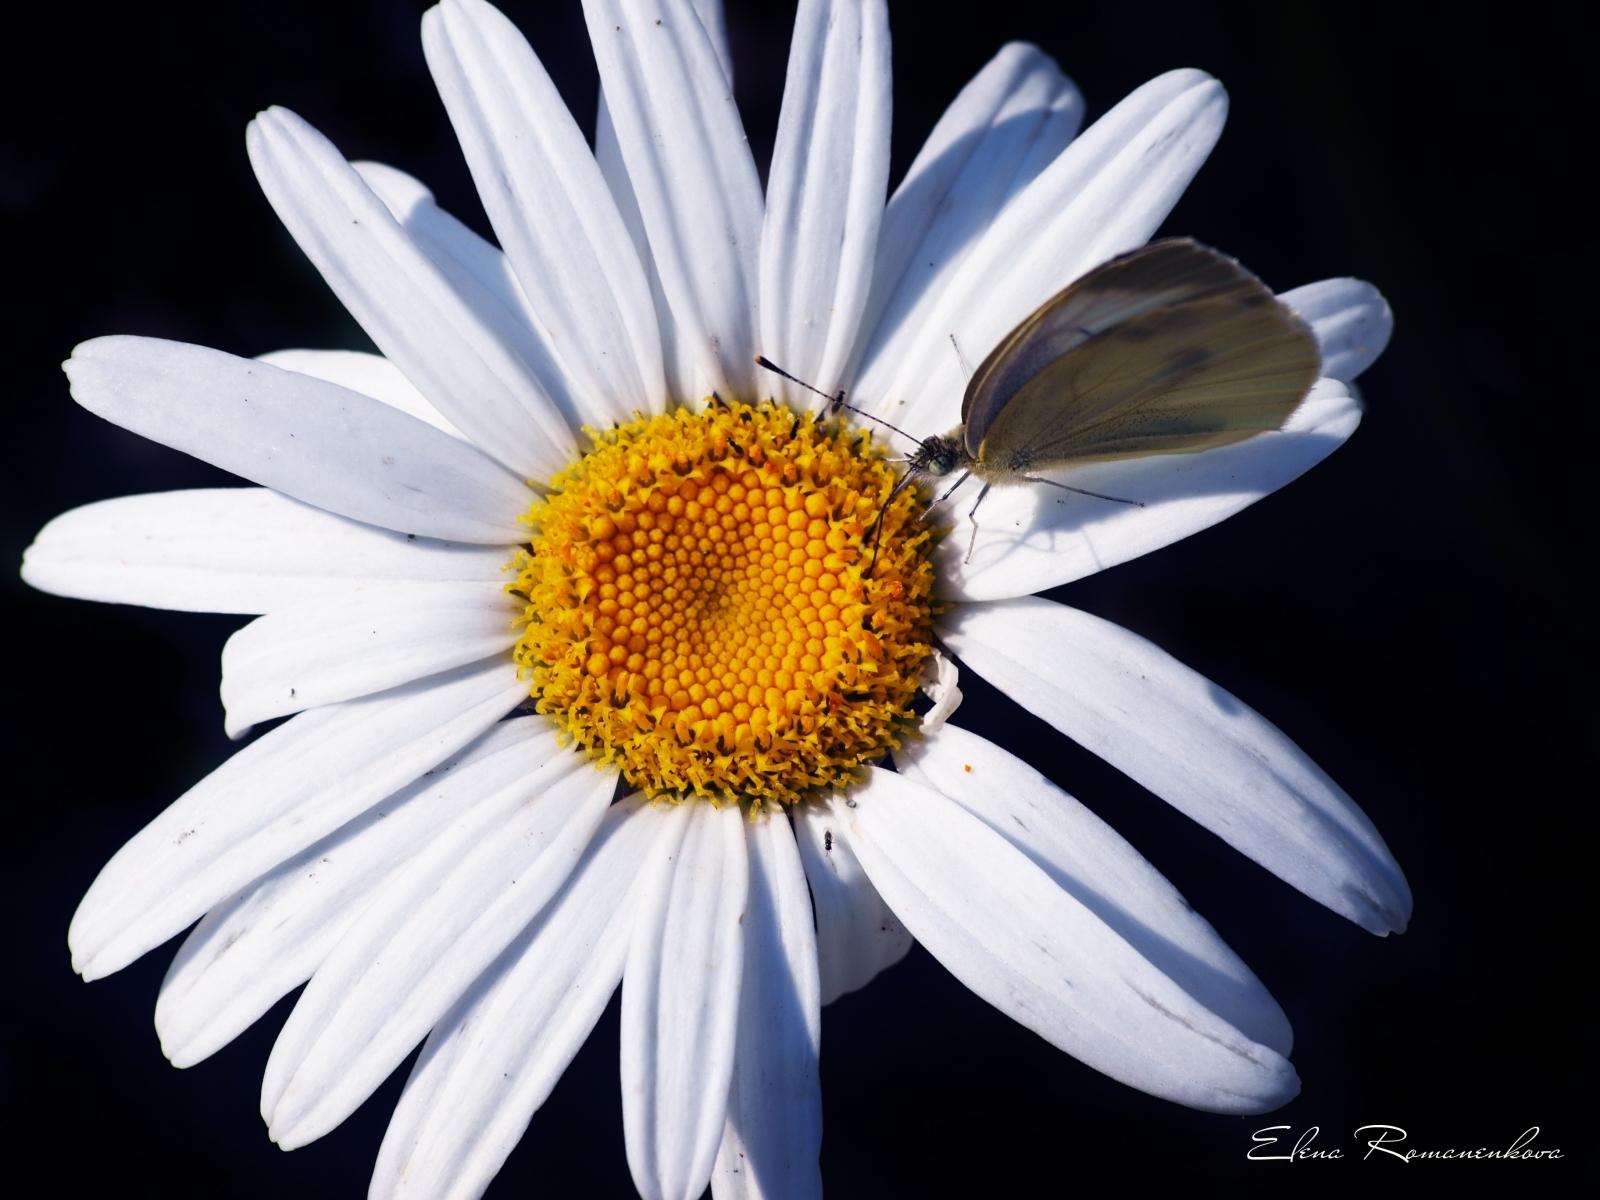 3509 скачать обои Растения, Бабочки, Цветы, Насекомые, Ромашки - заставки и картинки бесплатно